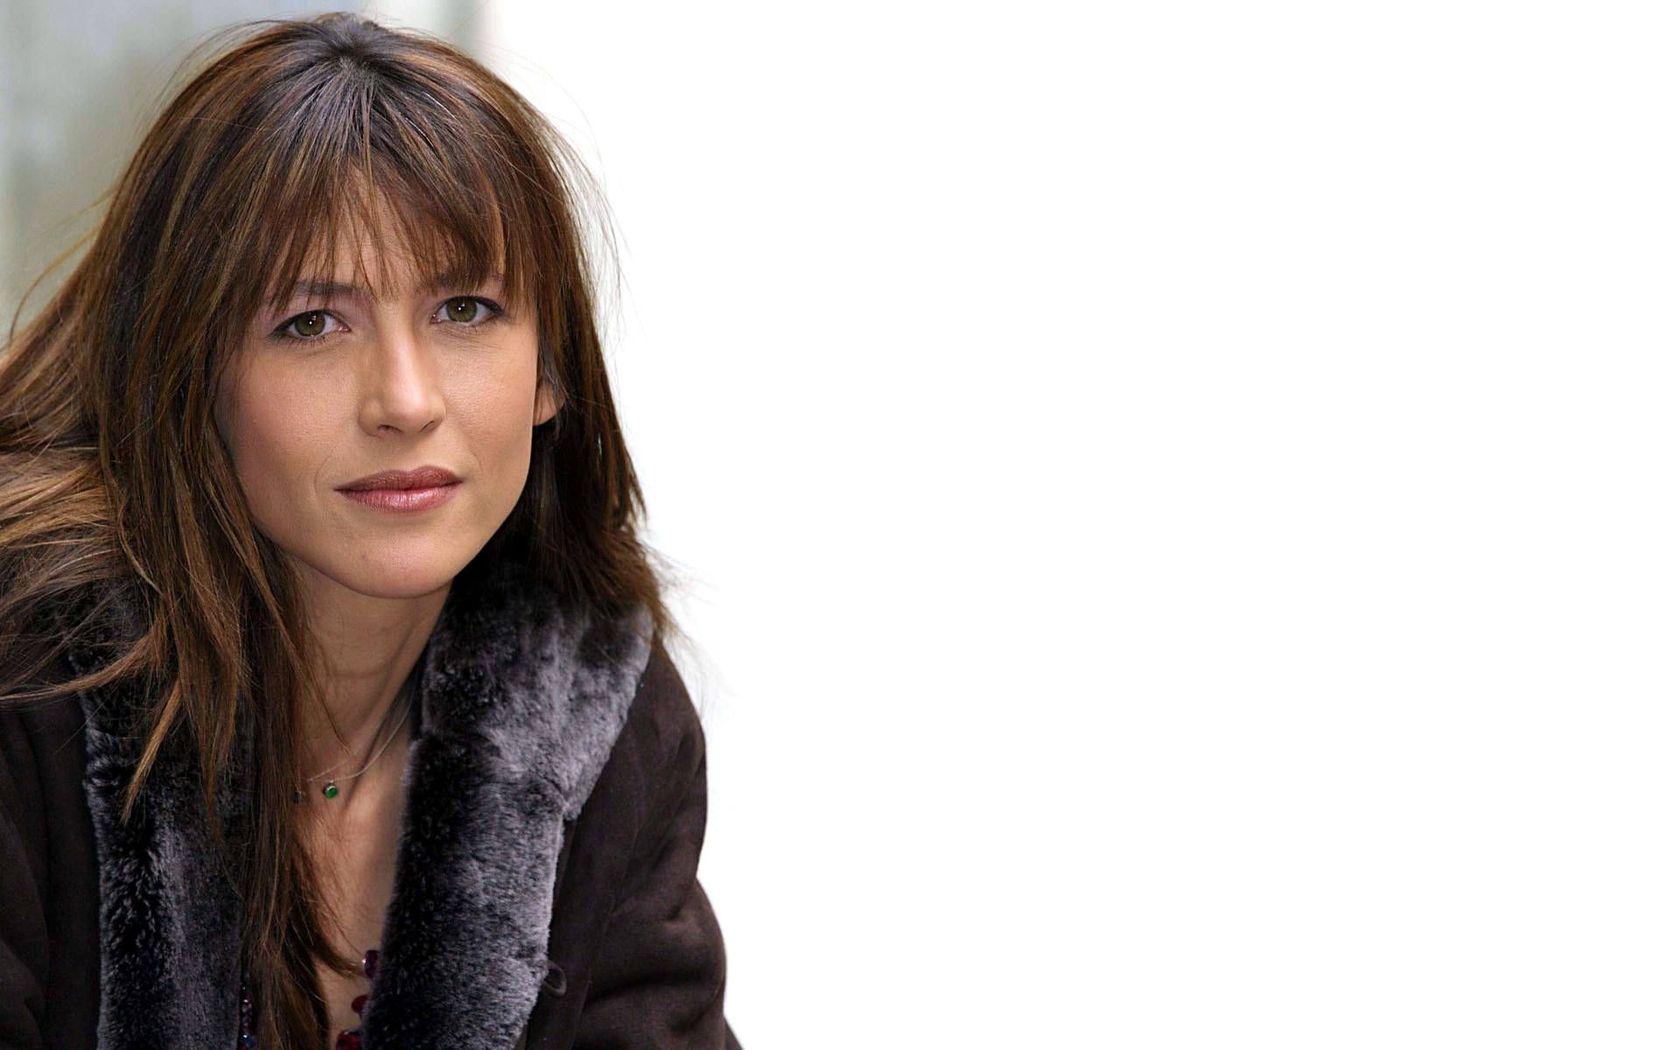 Sophie marceau actress cute face stills